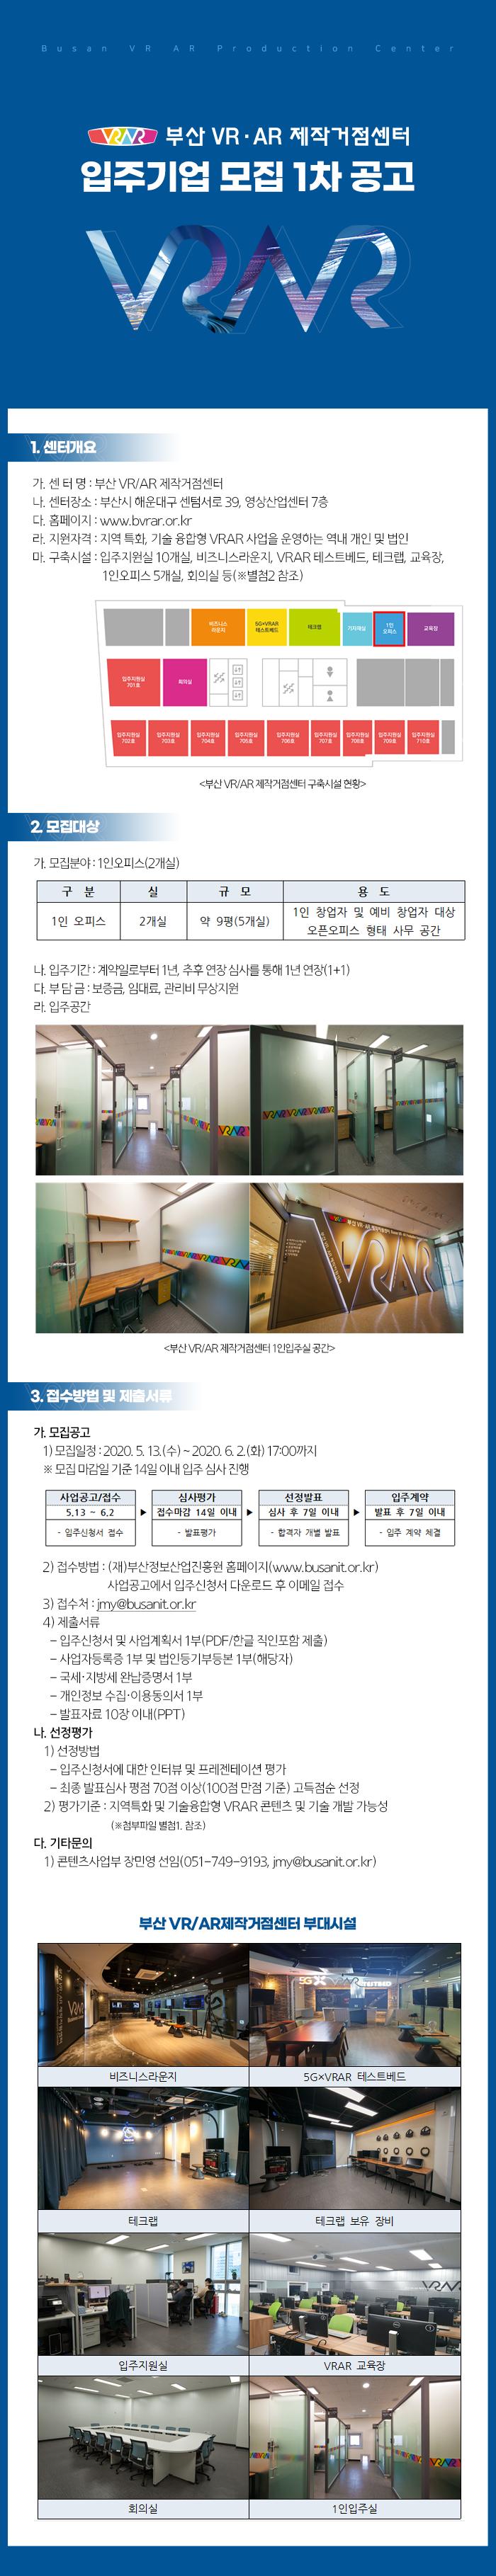 2020년 부산 VR/AR제작거점센터 입주기업 모집 1차 공고